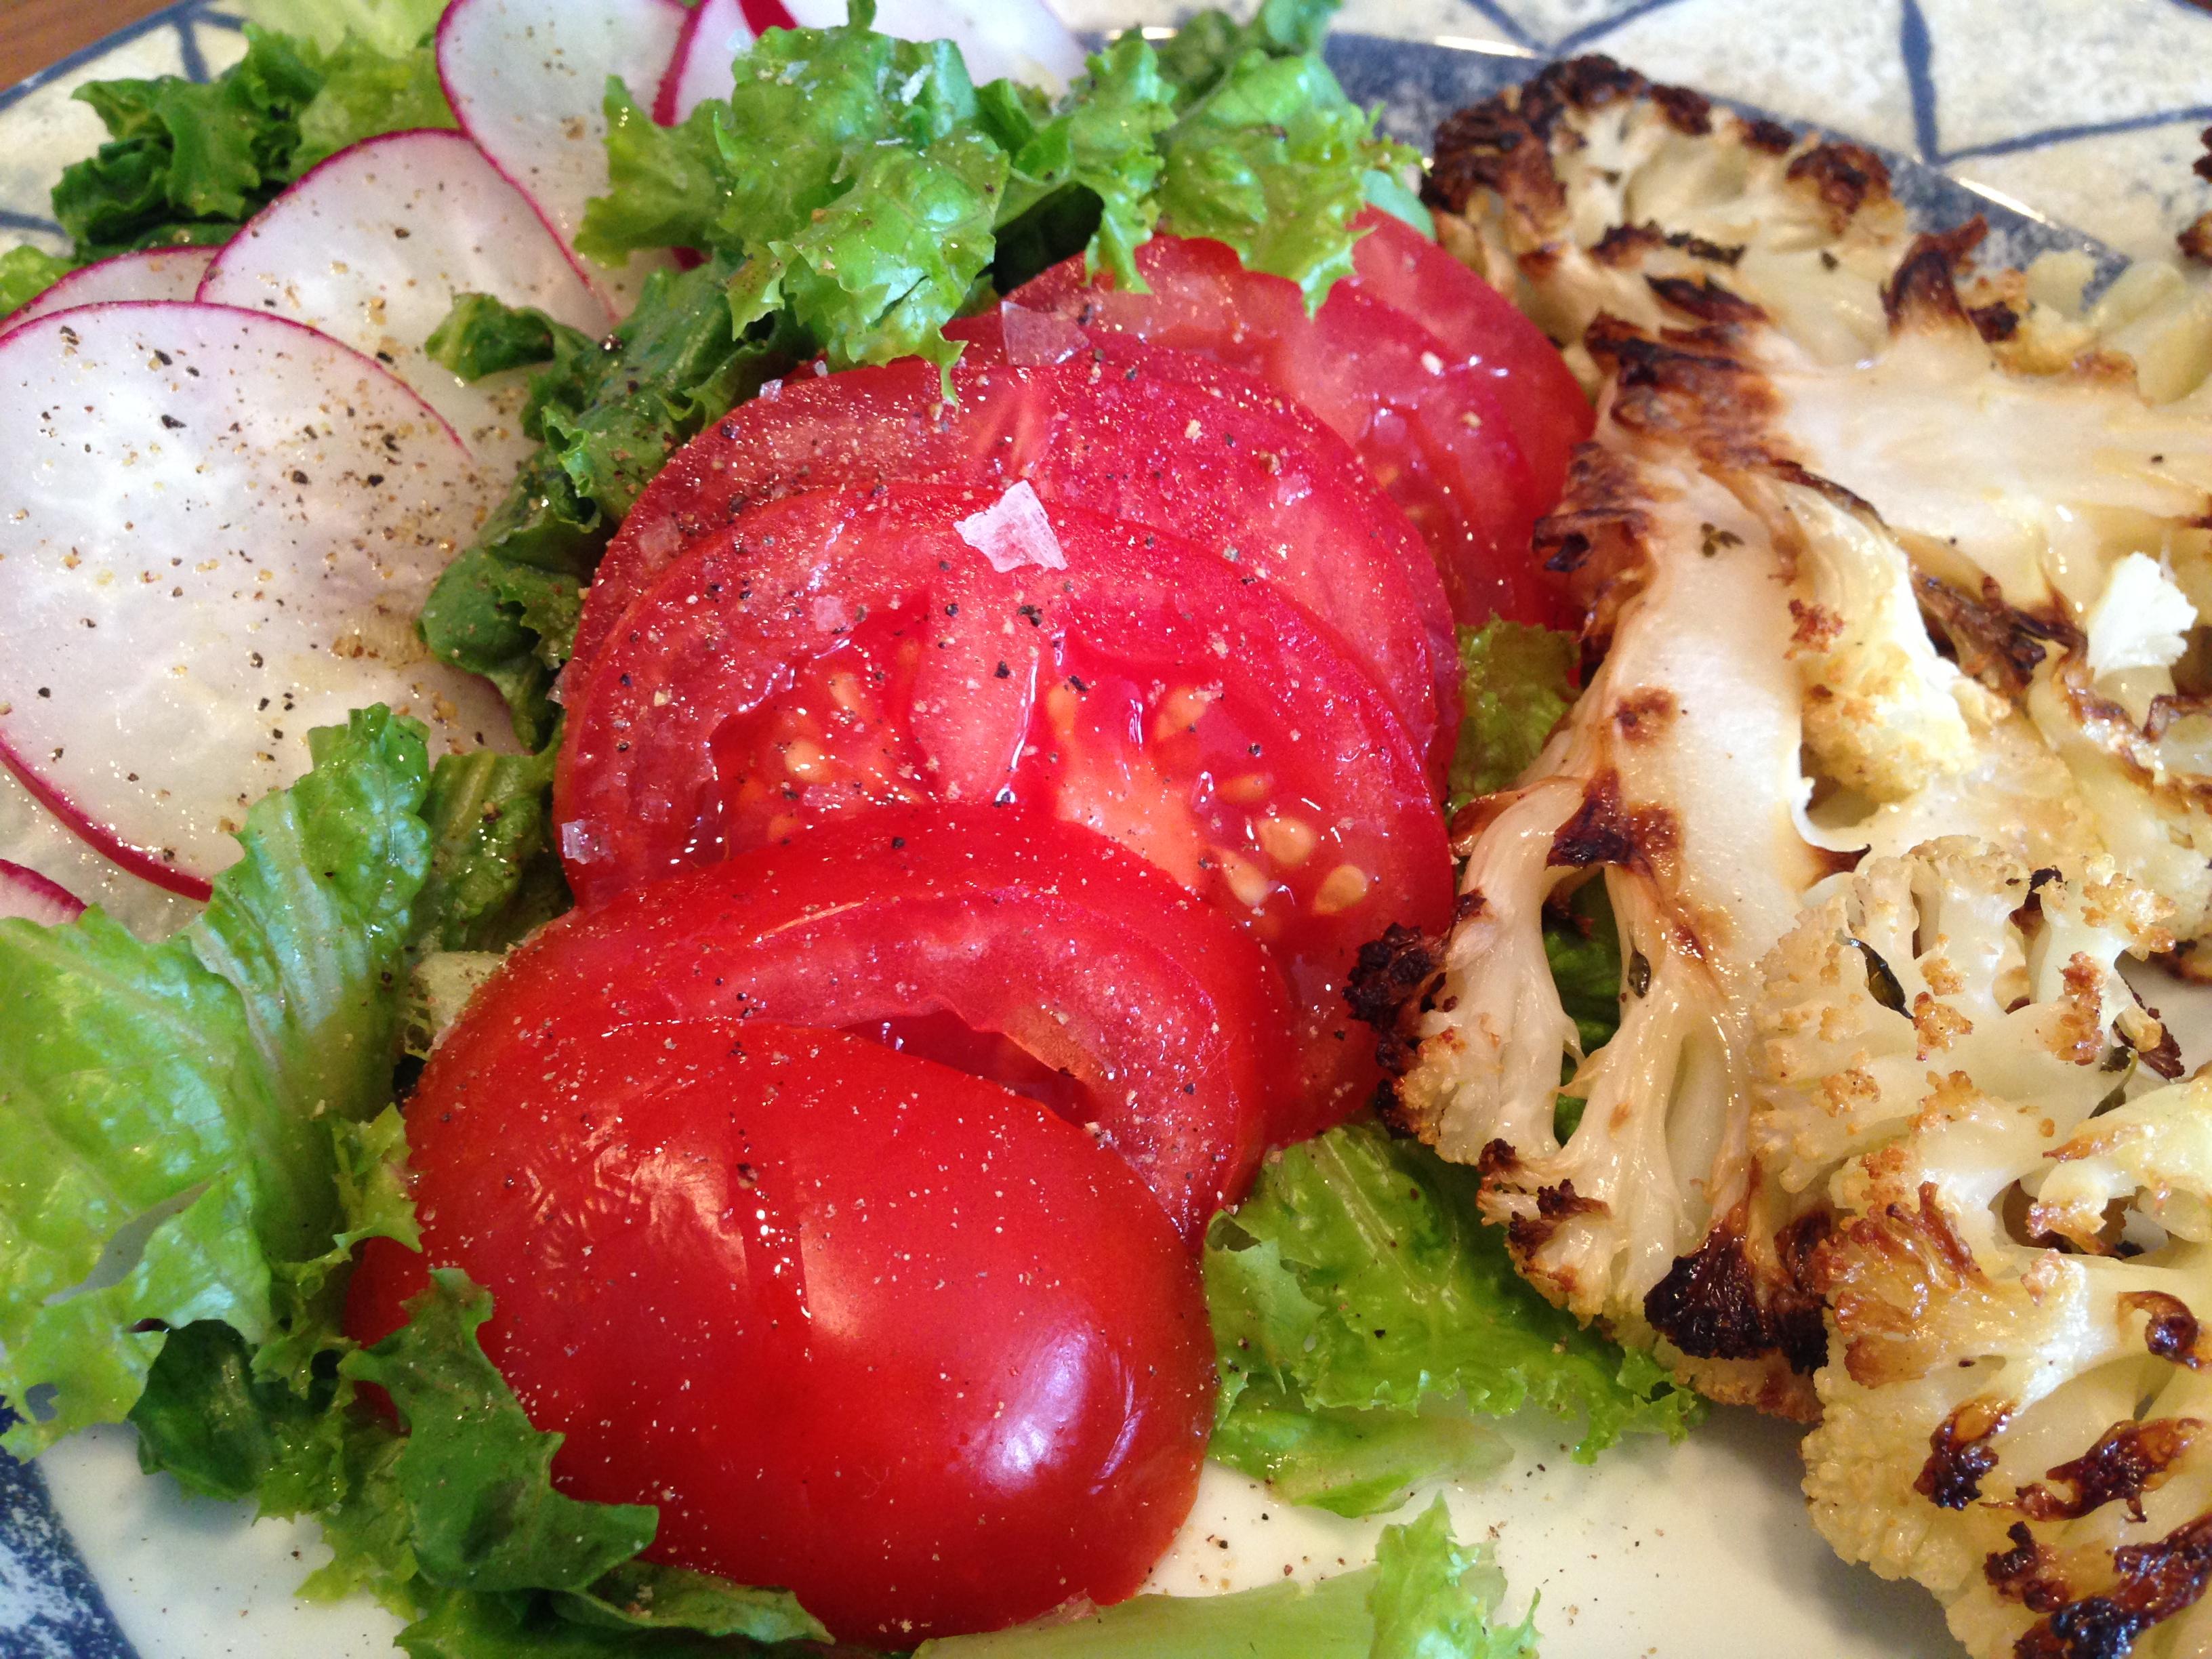 Tomato radish lettuce and roasted cauliflower